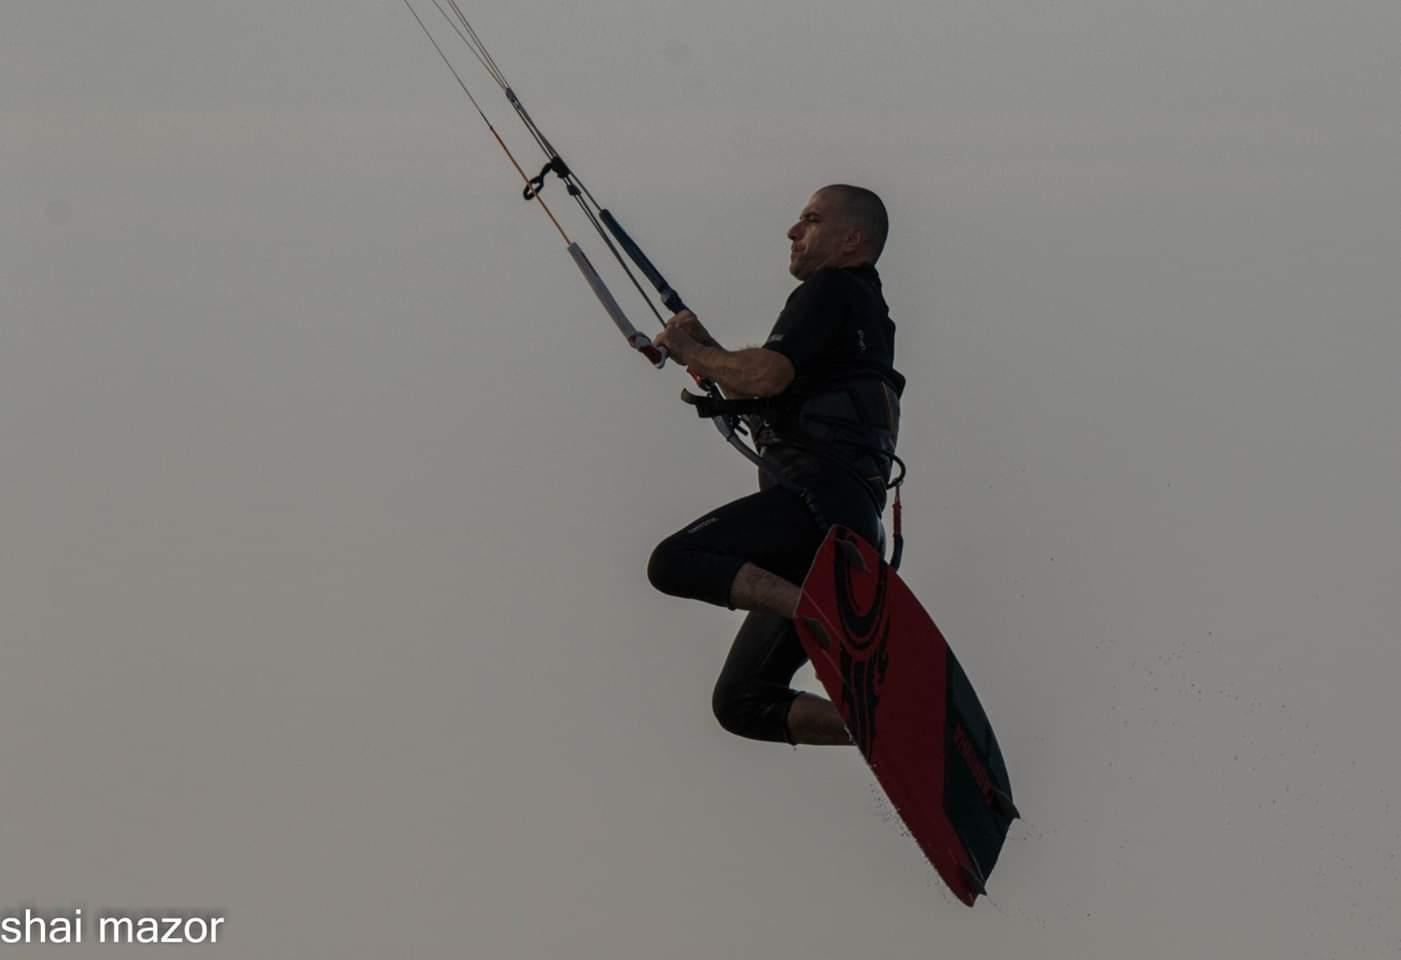 ג'וני הלון - גולשי הקייטסרפינג בחוף המבצר בעתלית במשב הרוח הצפונית 13/11/2018 (צילום: שי מזור)